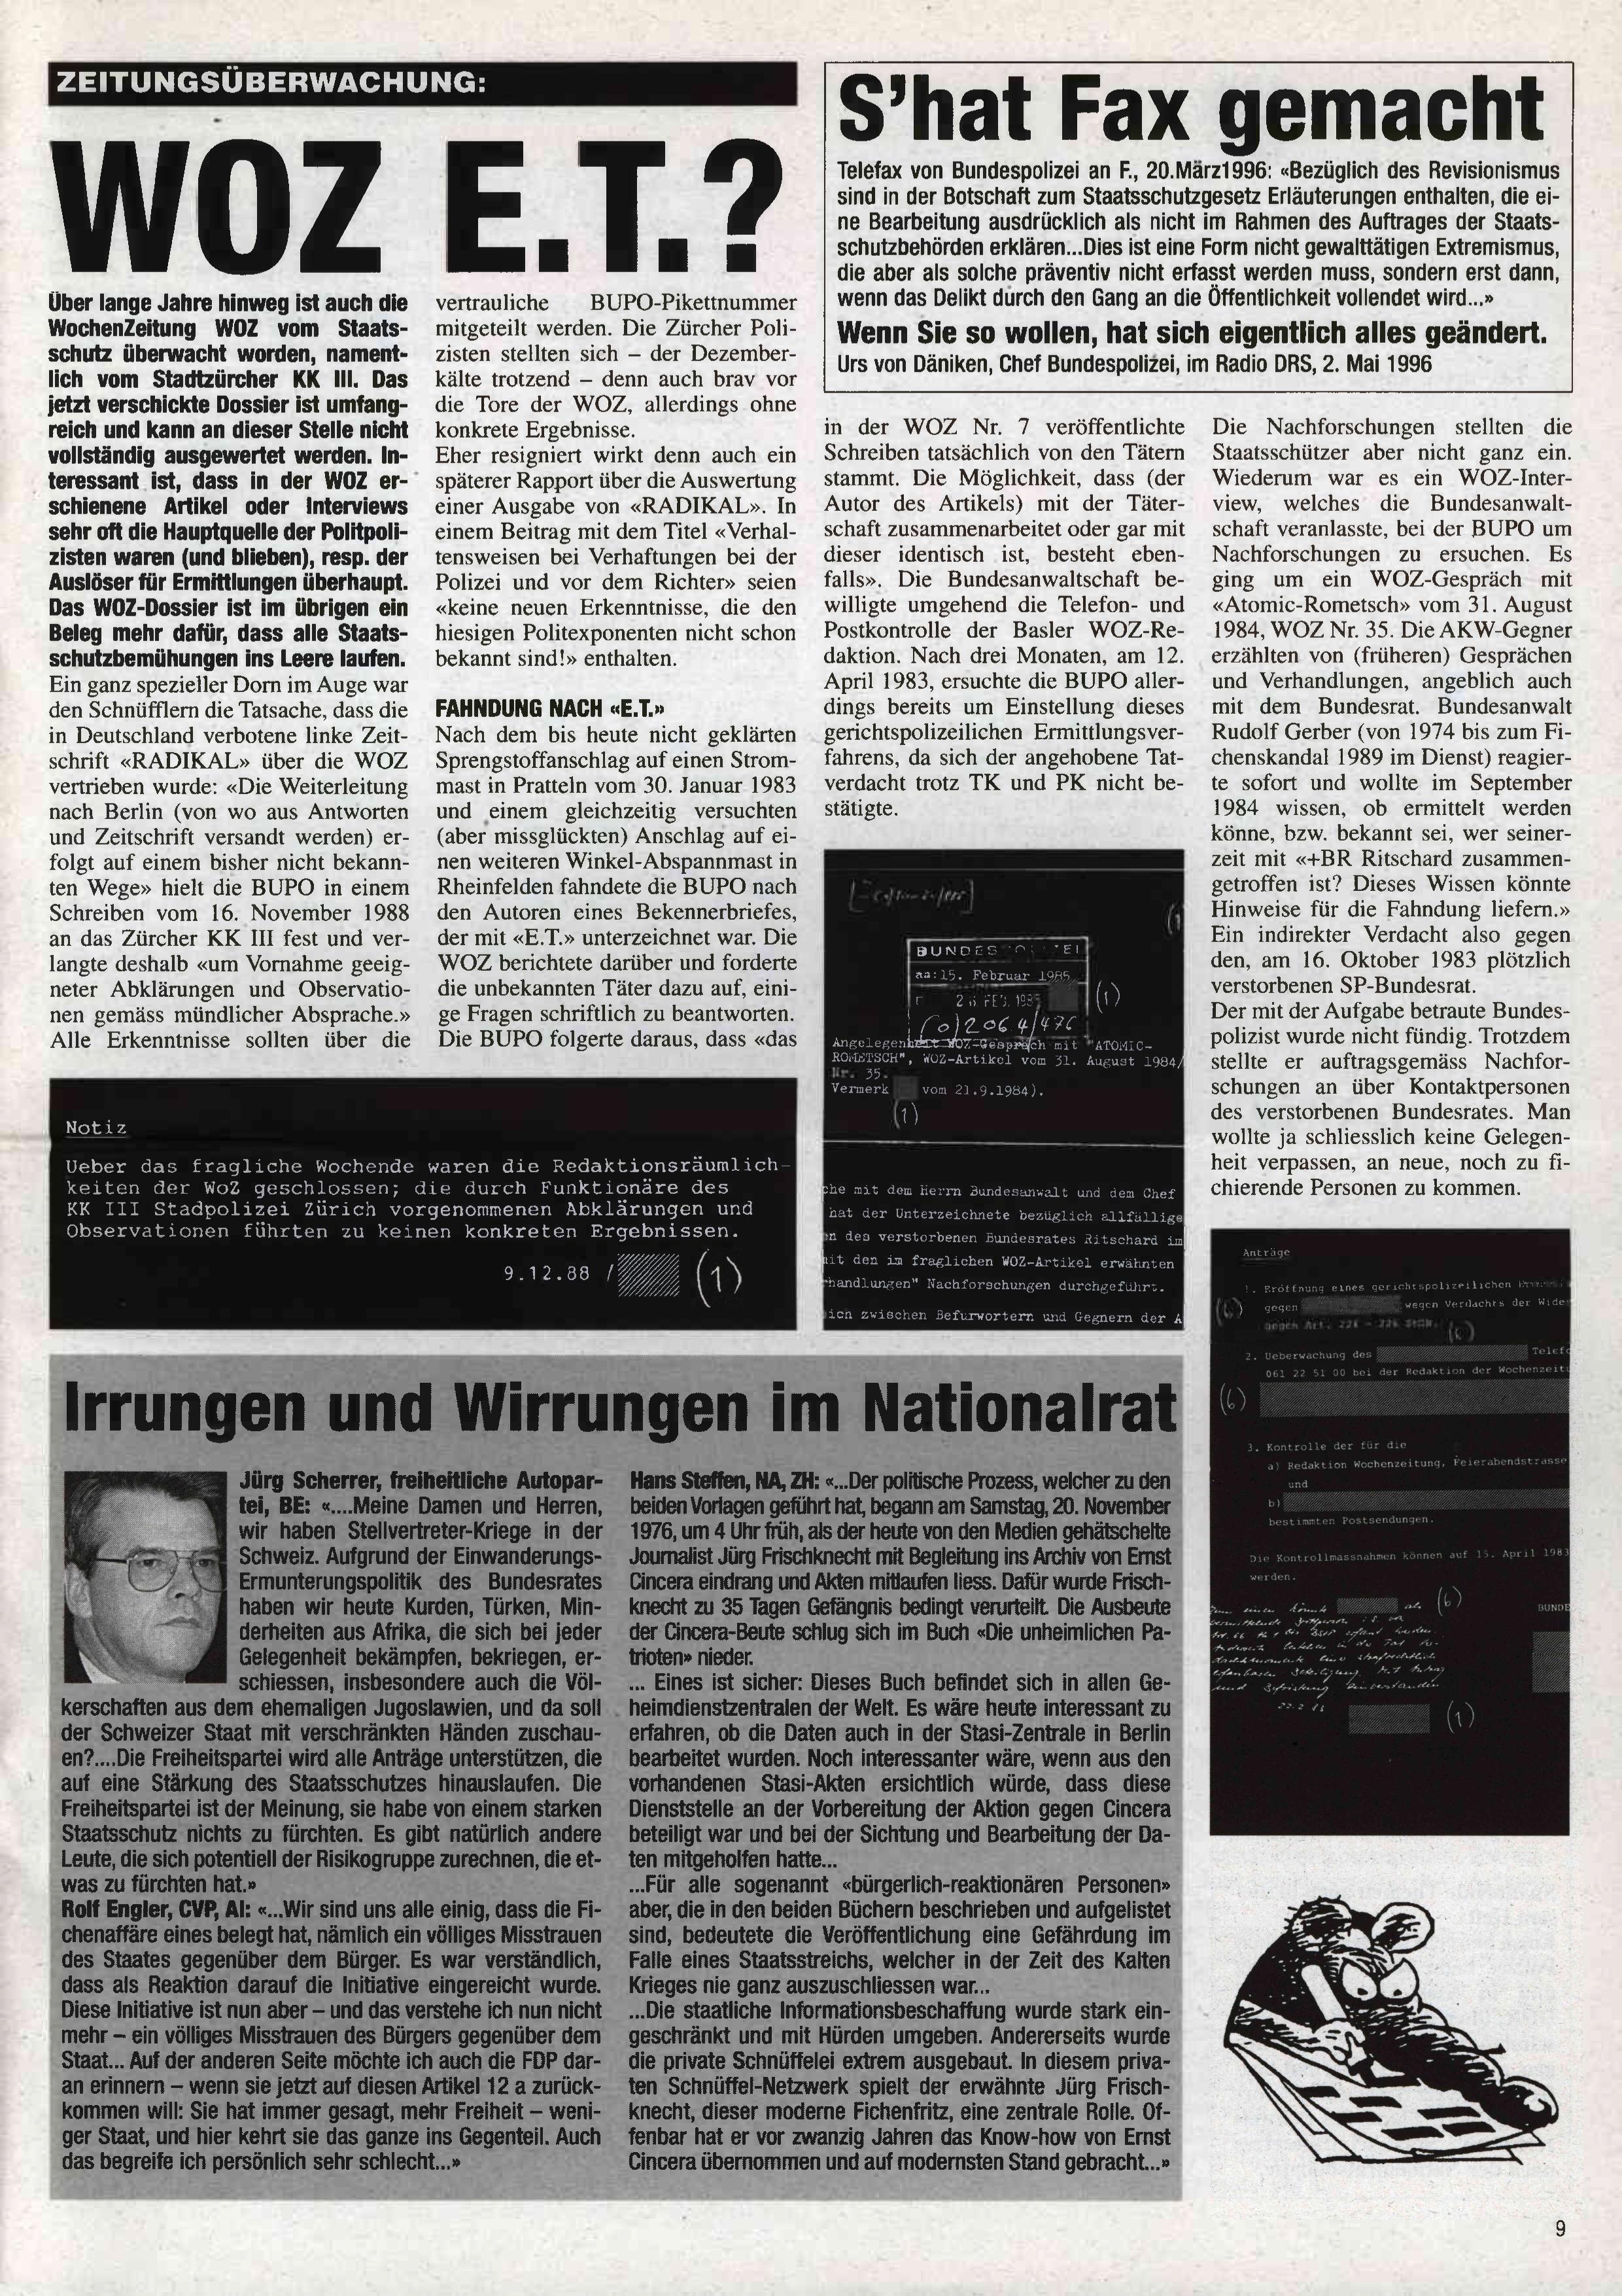 FICHEN FRITZ NR. 25 - SEITE 9